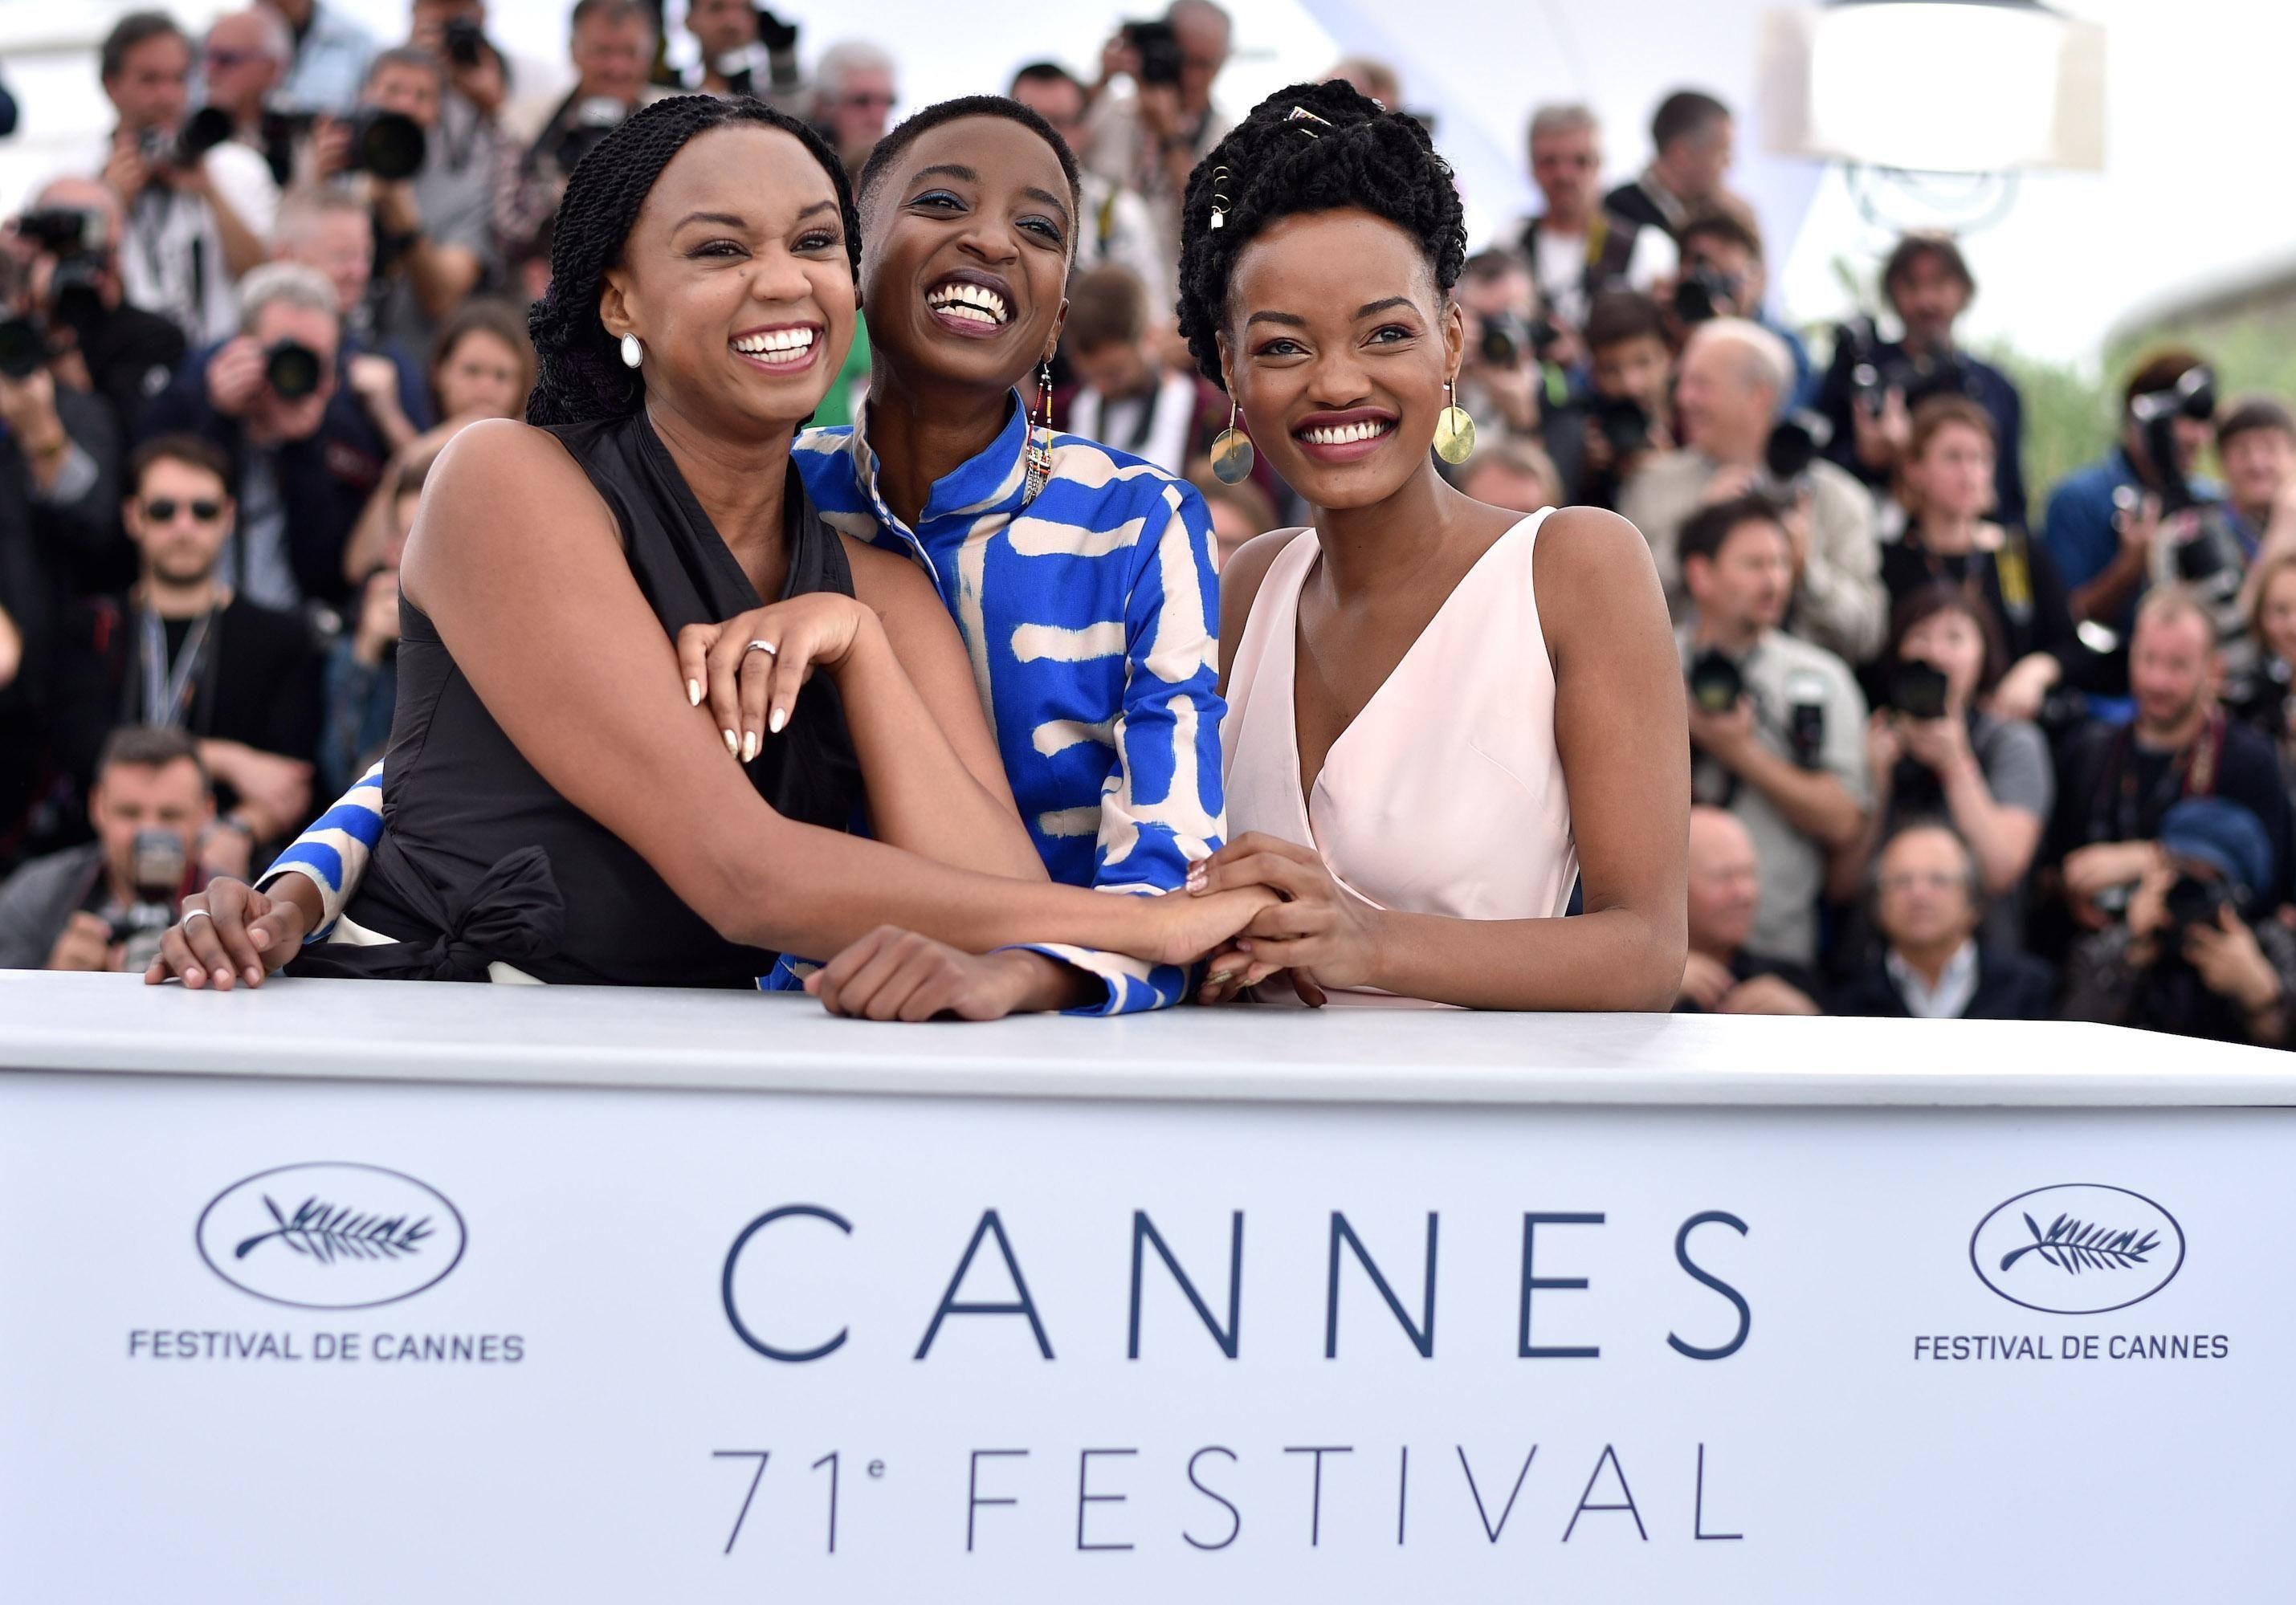 festival de cannes film kenyan